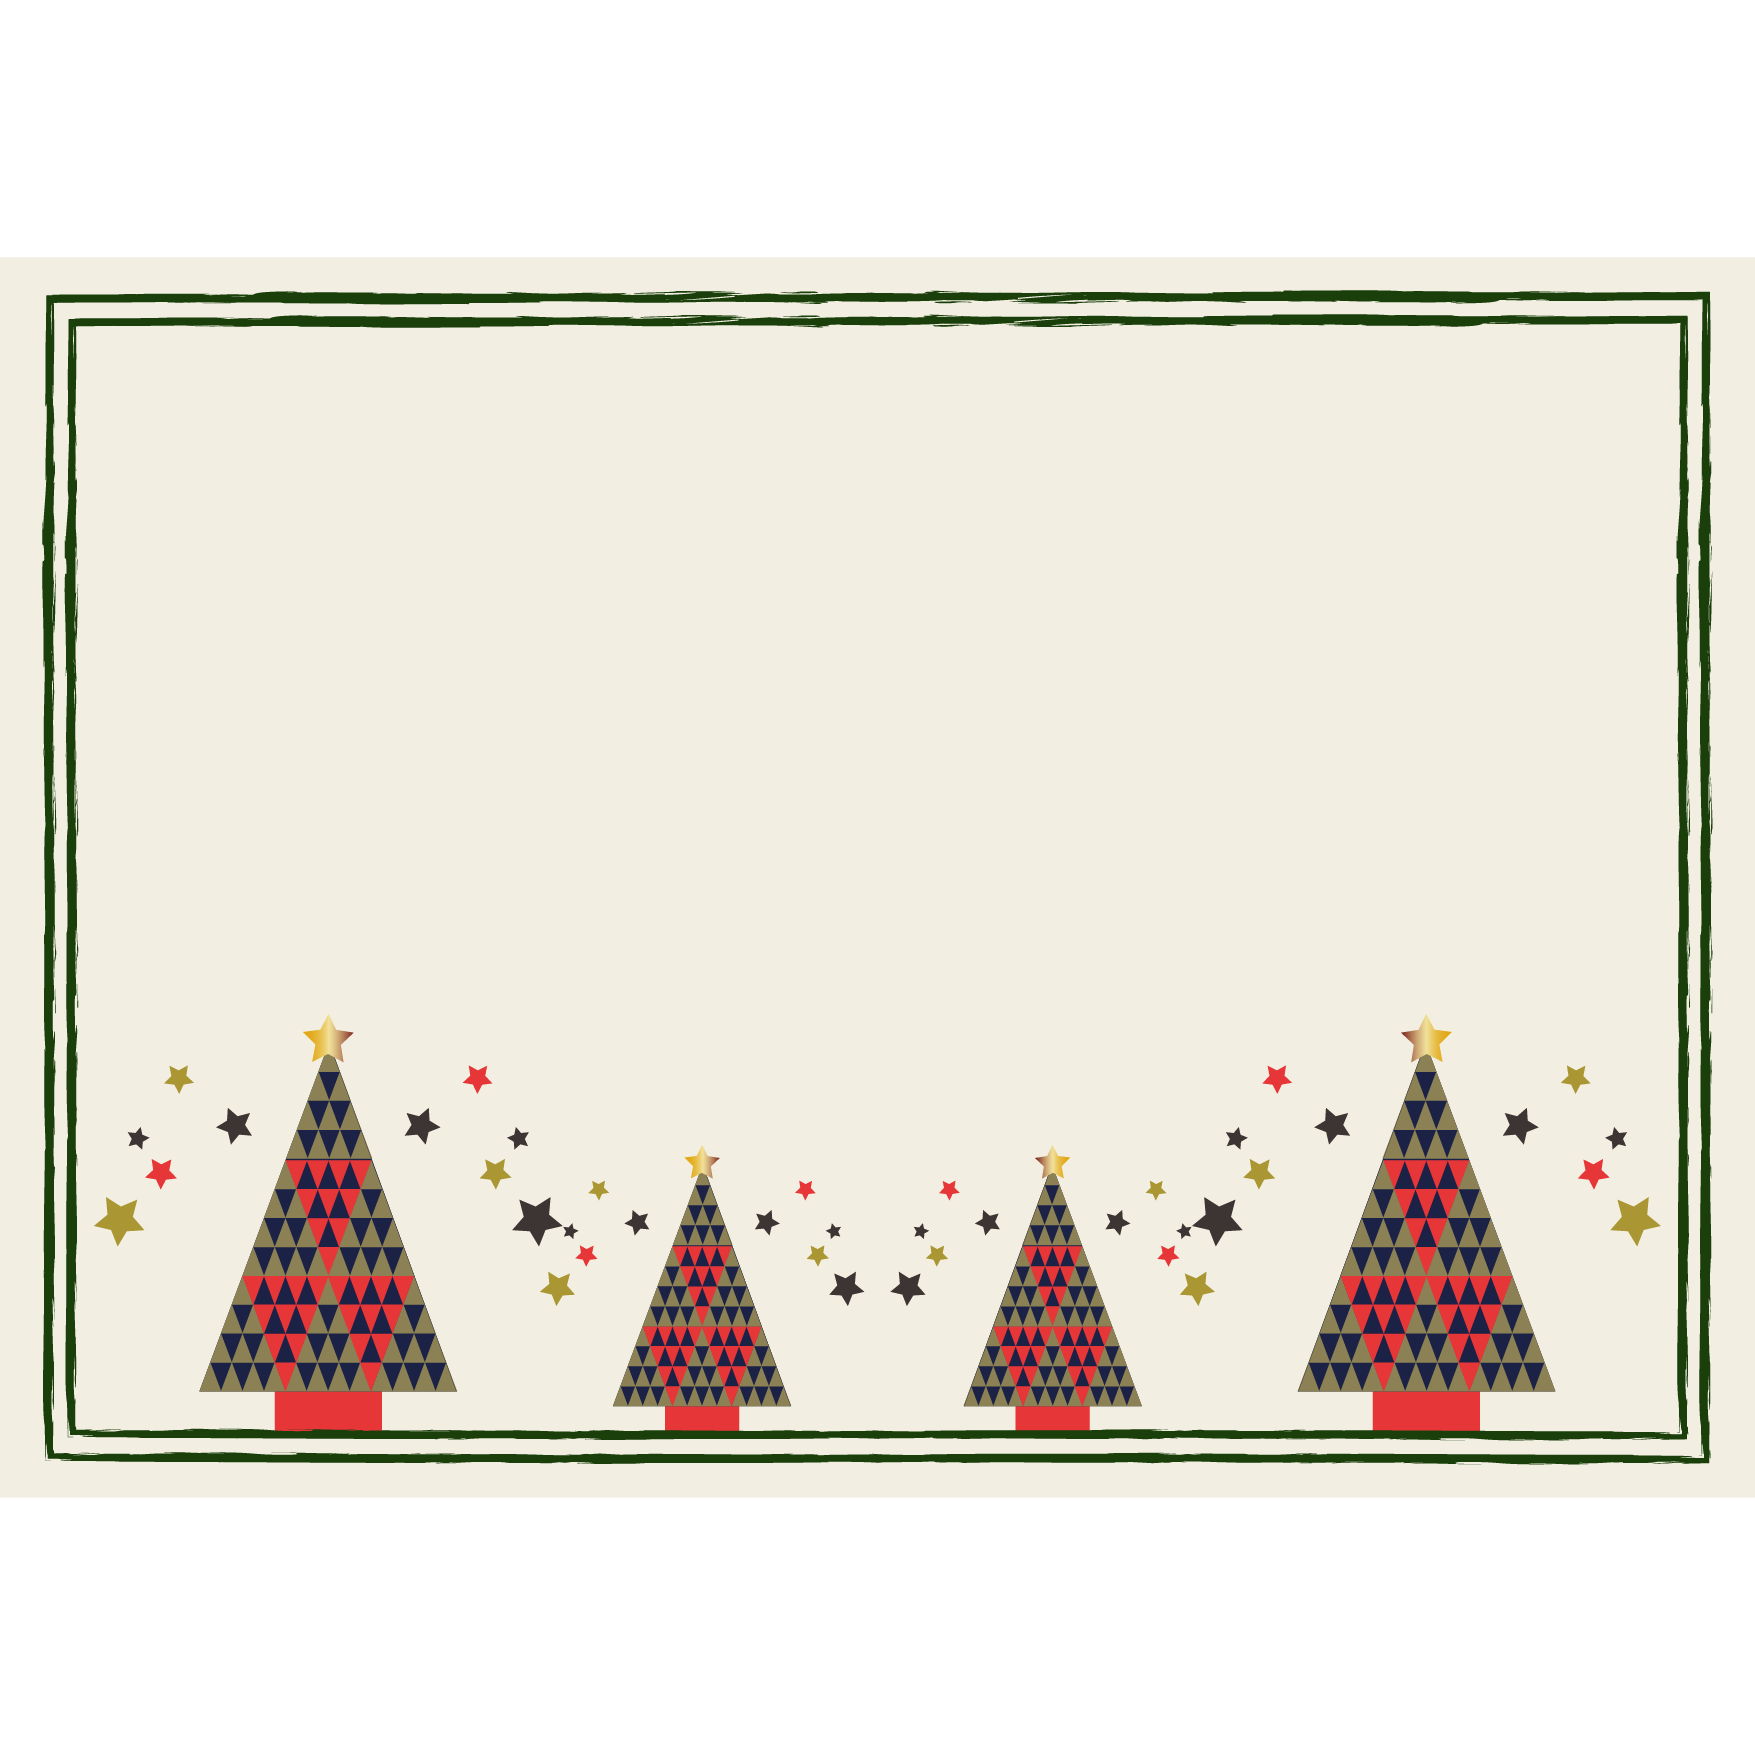 北欧風クリスマスツリーの枠フレーム A4サイズ イラスト 商用